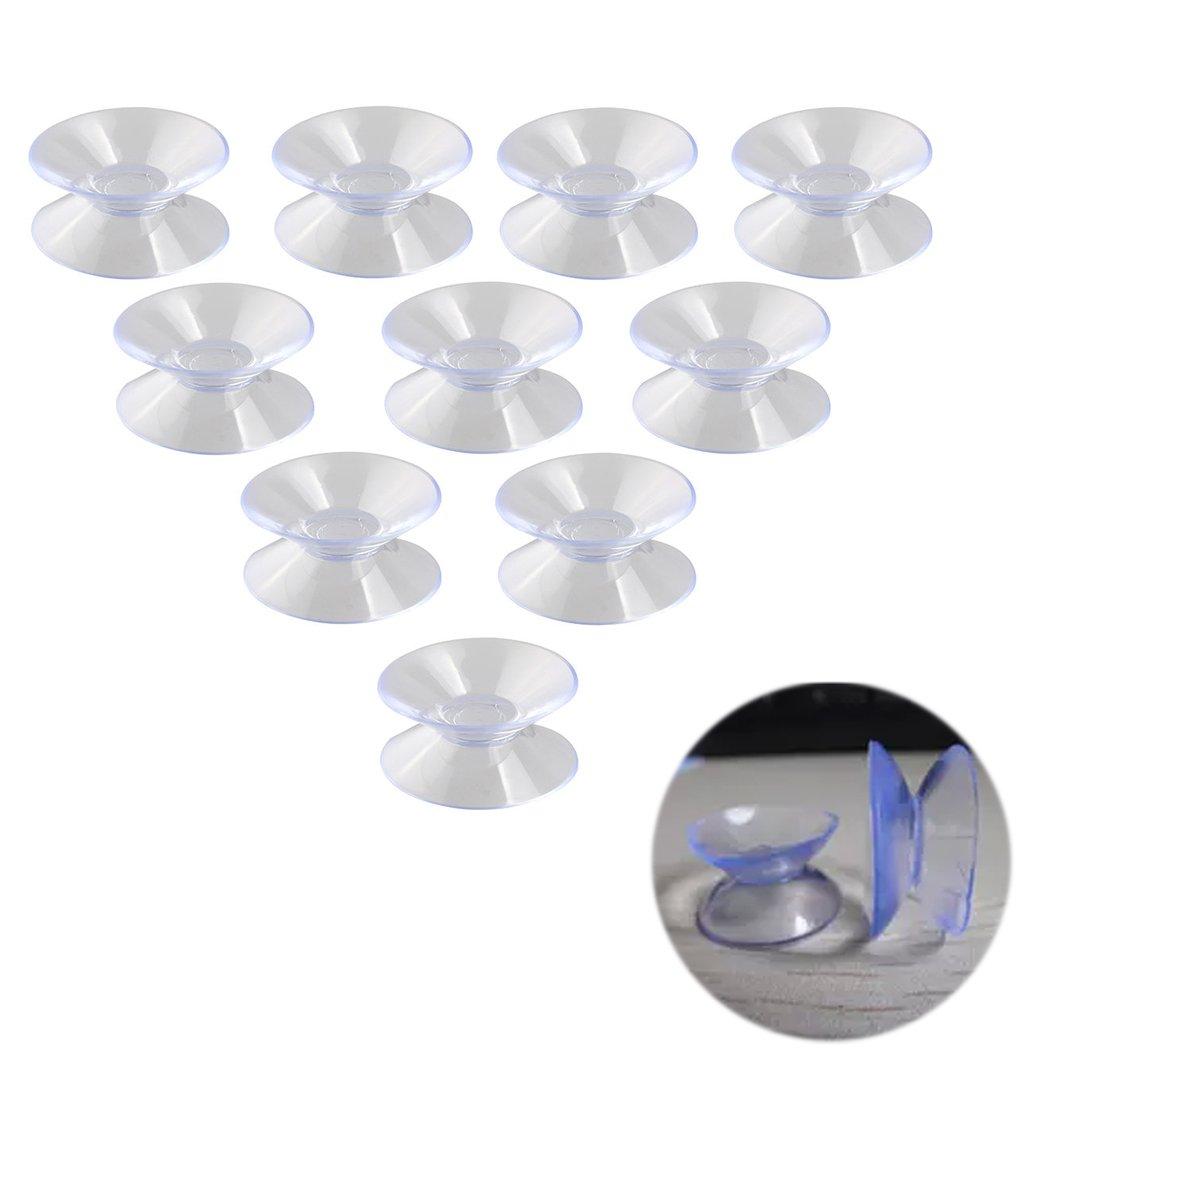 con almohadillas 30/mm de ancho 10 ventosas Leorx de doble cara/para vidrio y pl/ástico